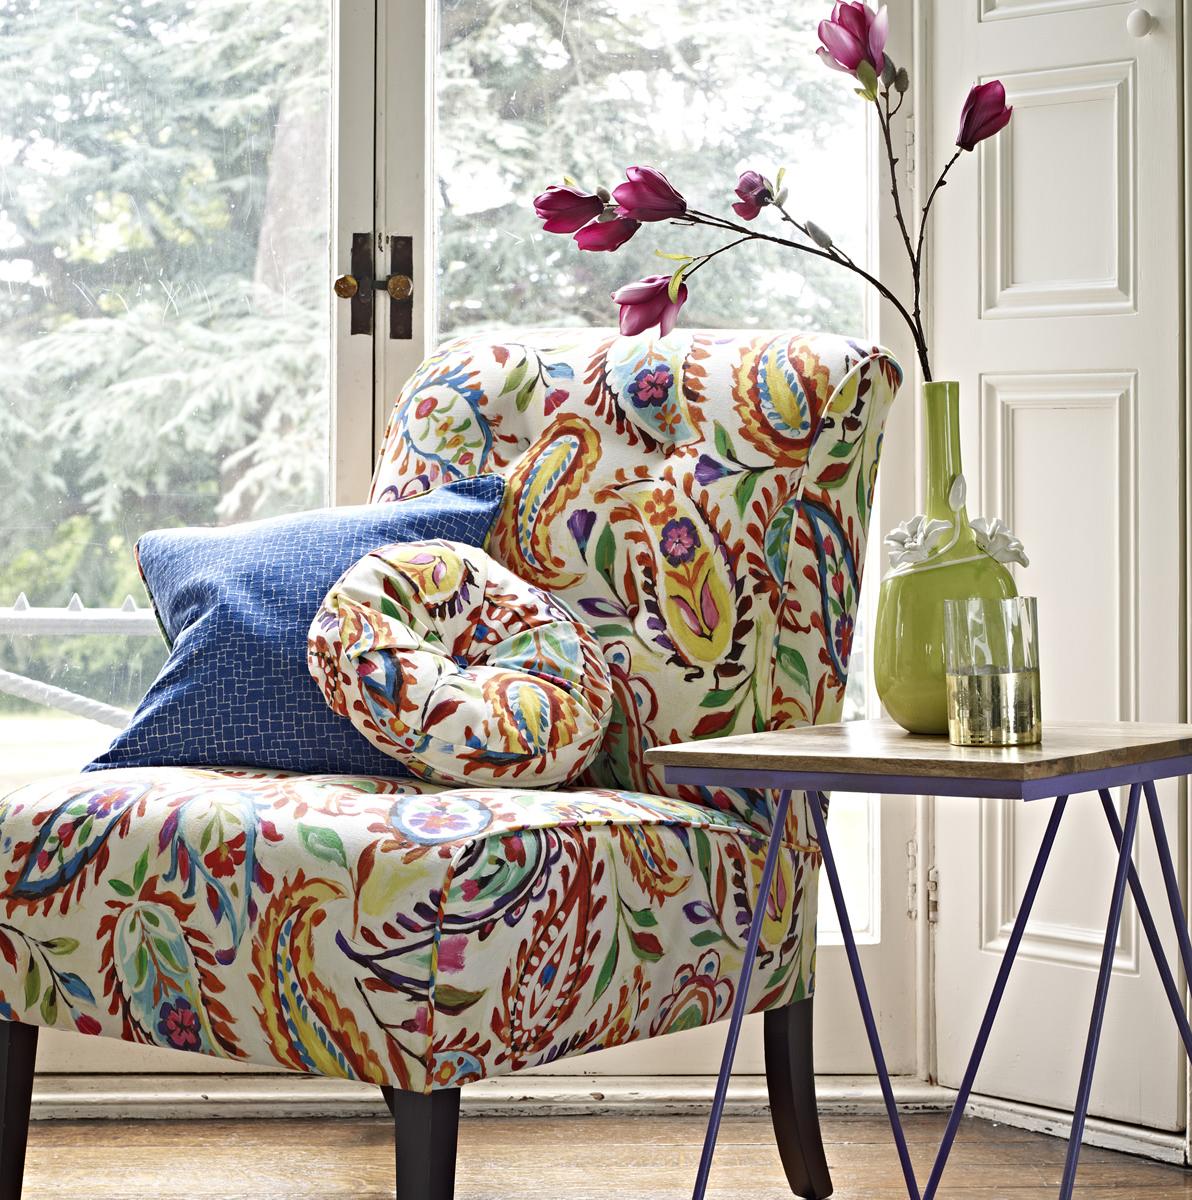 Telas para tapizar sillones las mejores telas para - Telas para tapizar sillones modernos ...